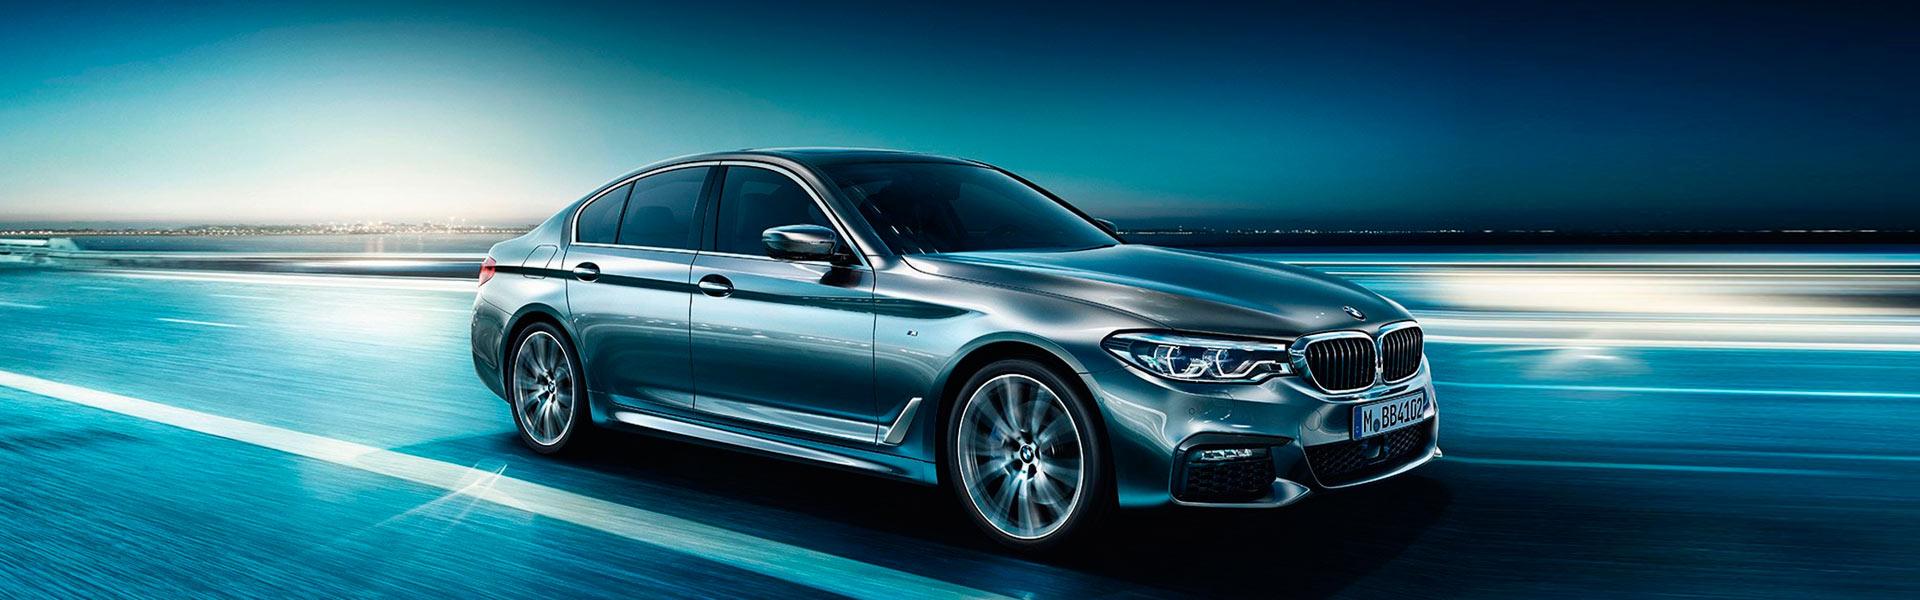 Ремонт подвески BMW 5-series